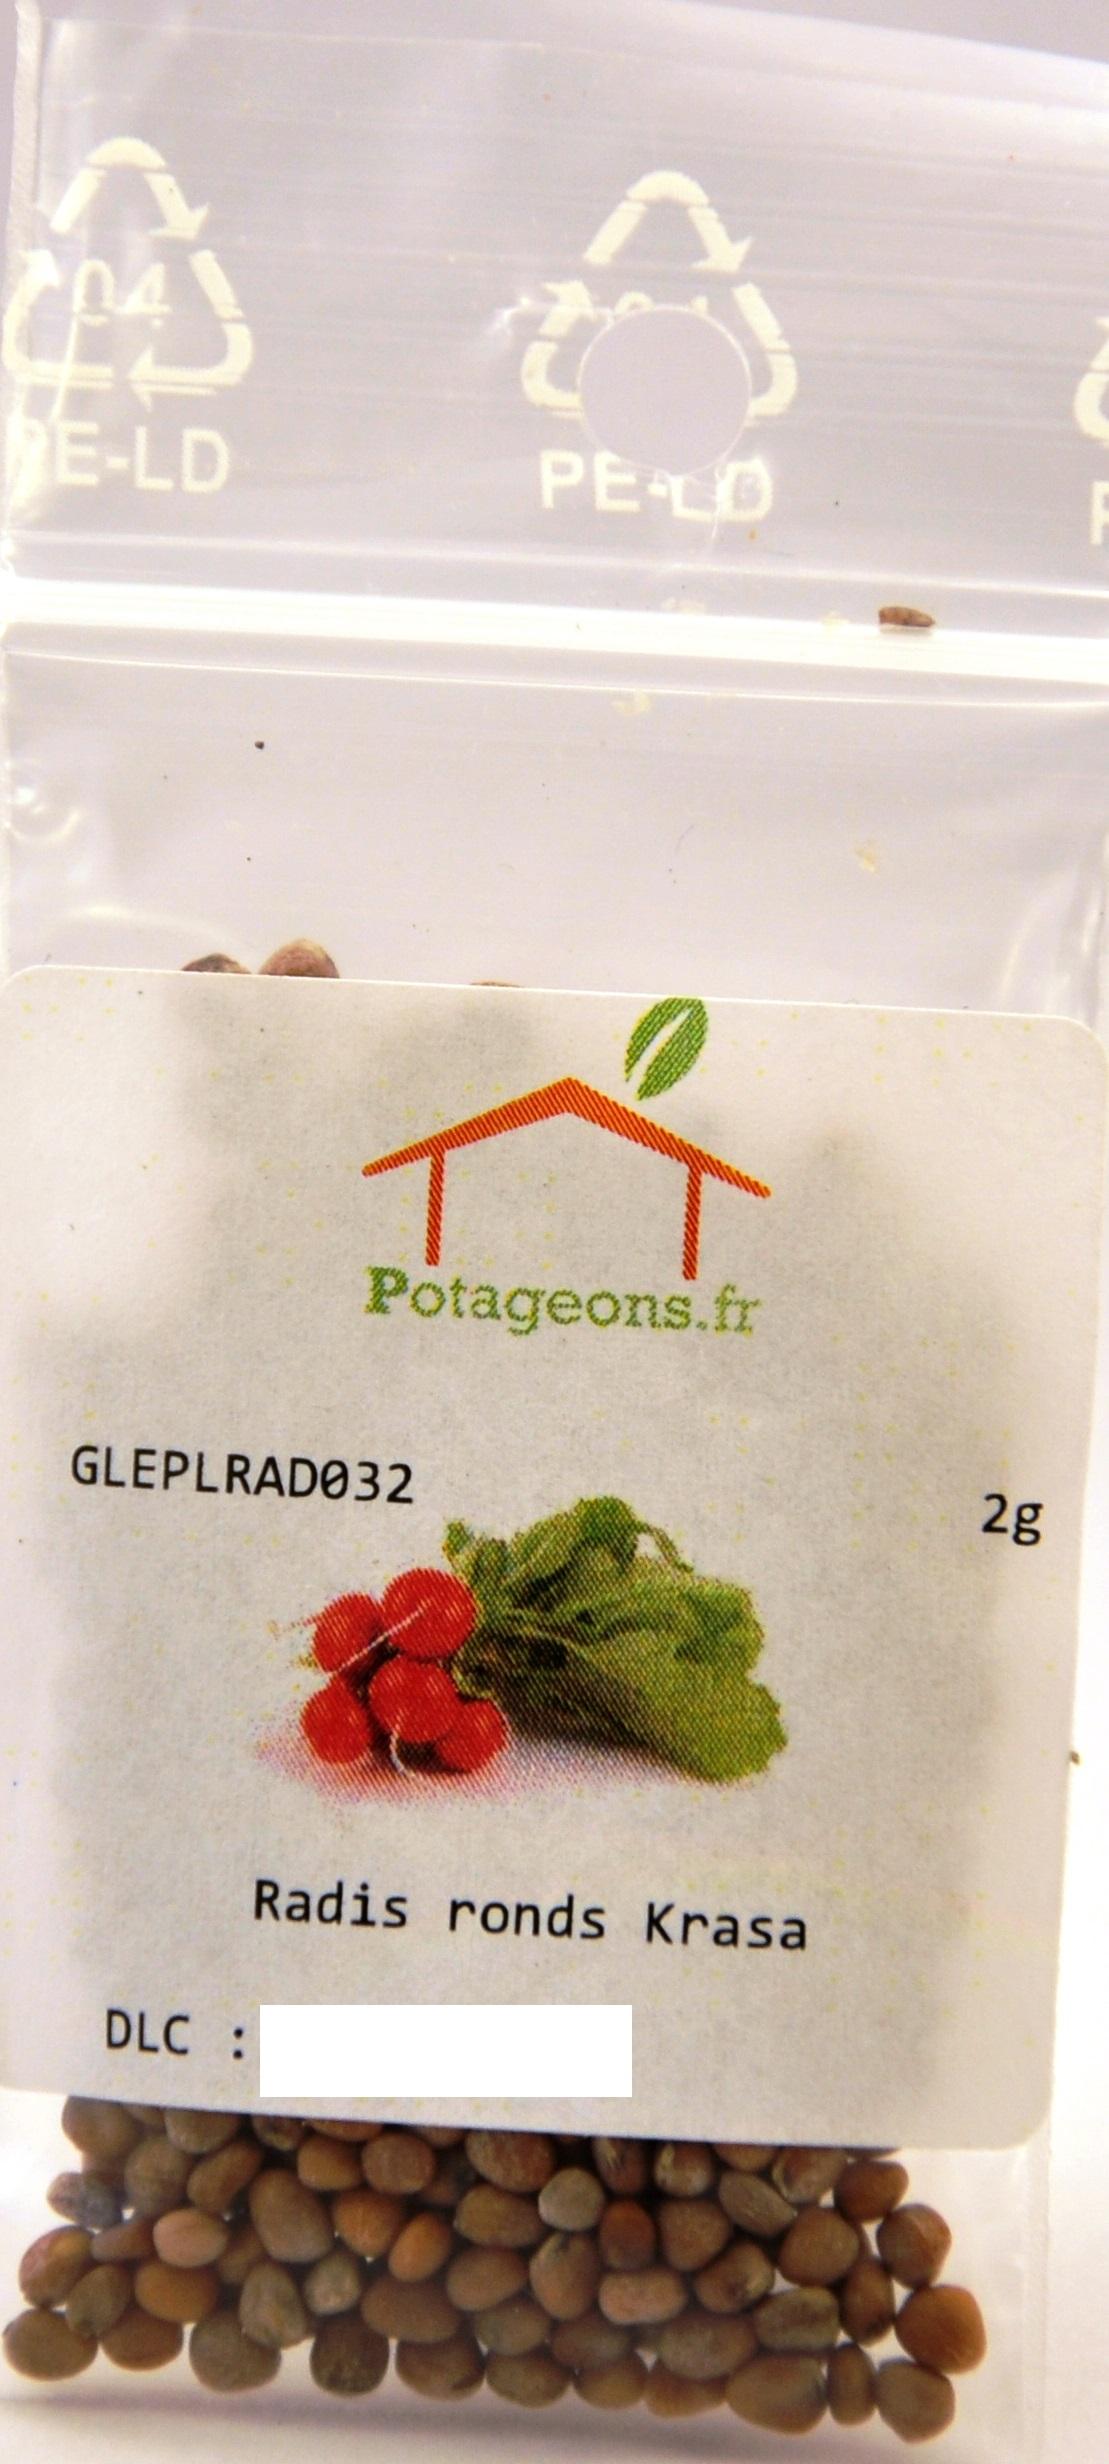 emballage des graines Potageons.fr